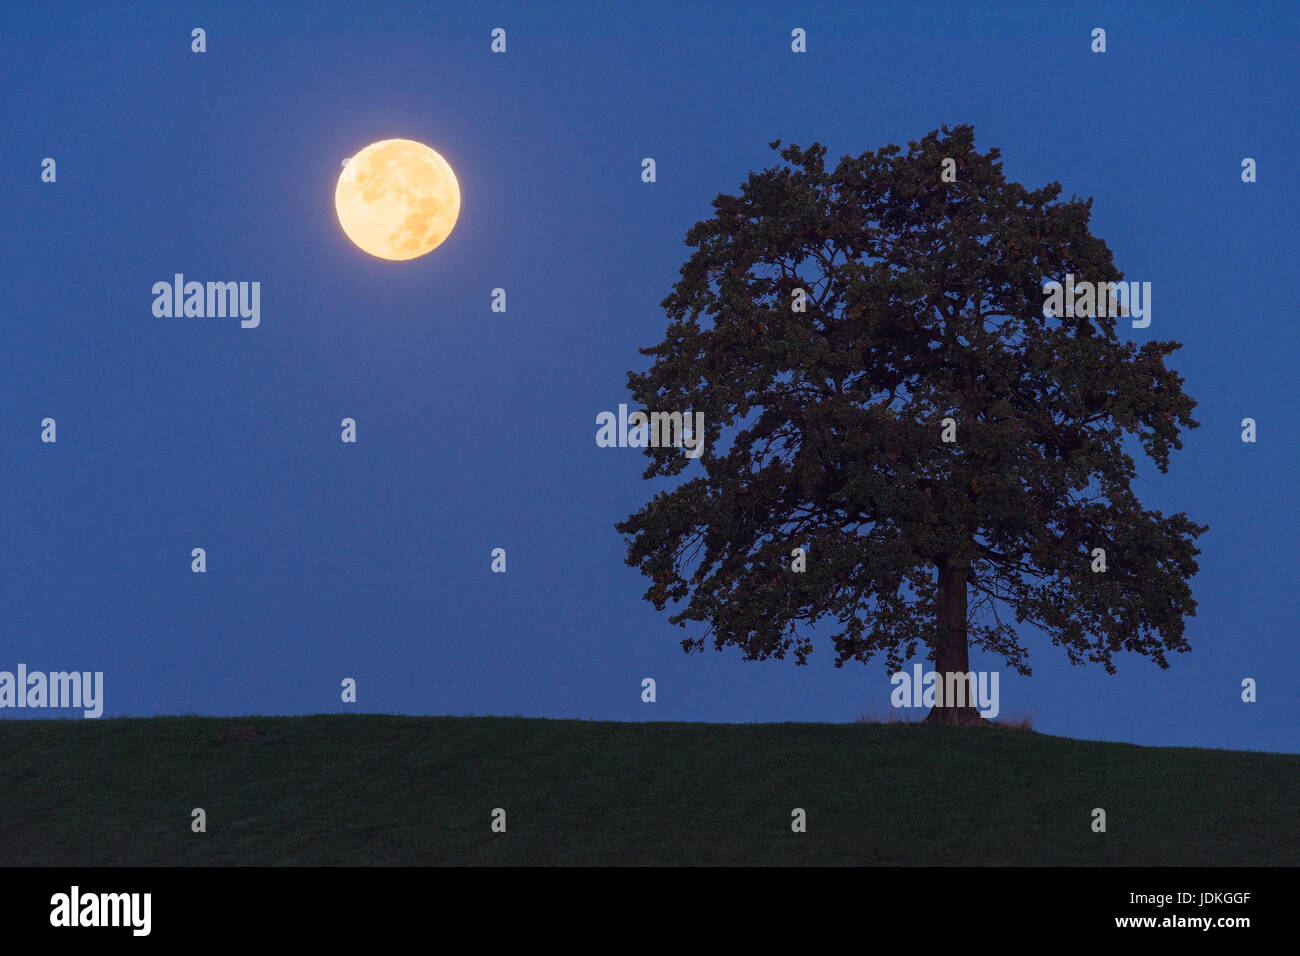 Full moon in the half-shade of the earth beside a tree, Vollmond im Halbschatten der Erde neben einem Baum - Stock Image